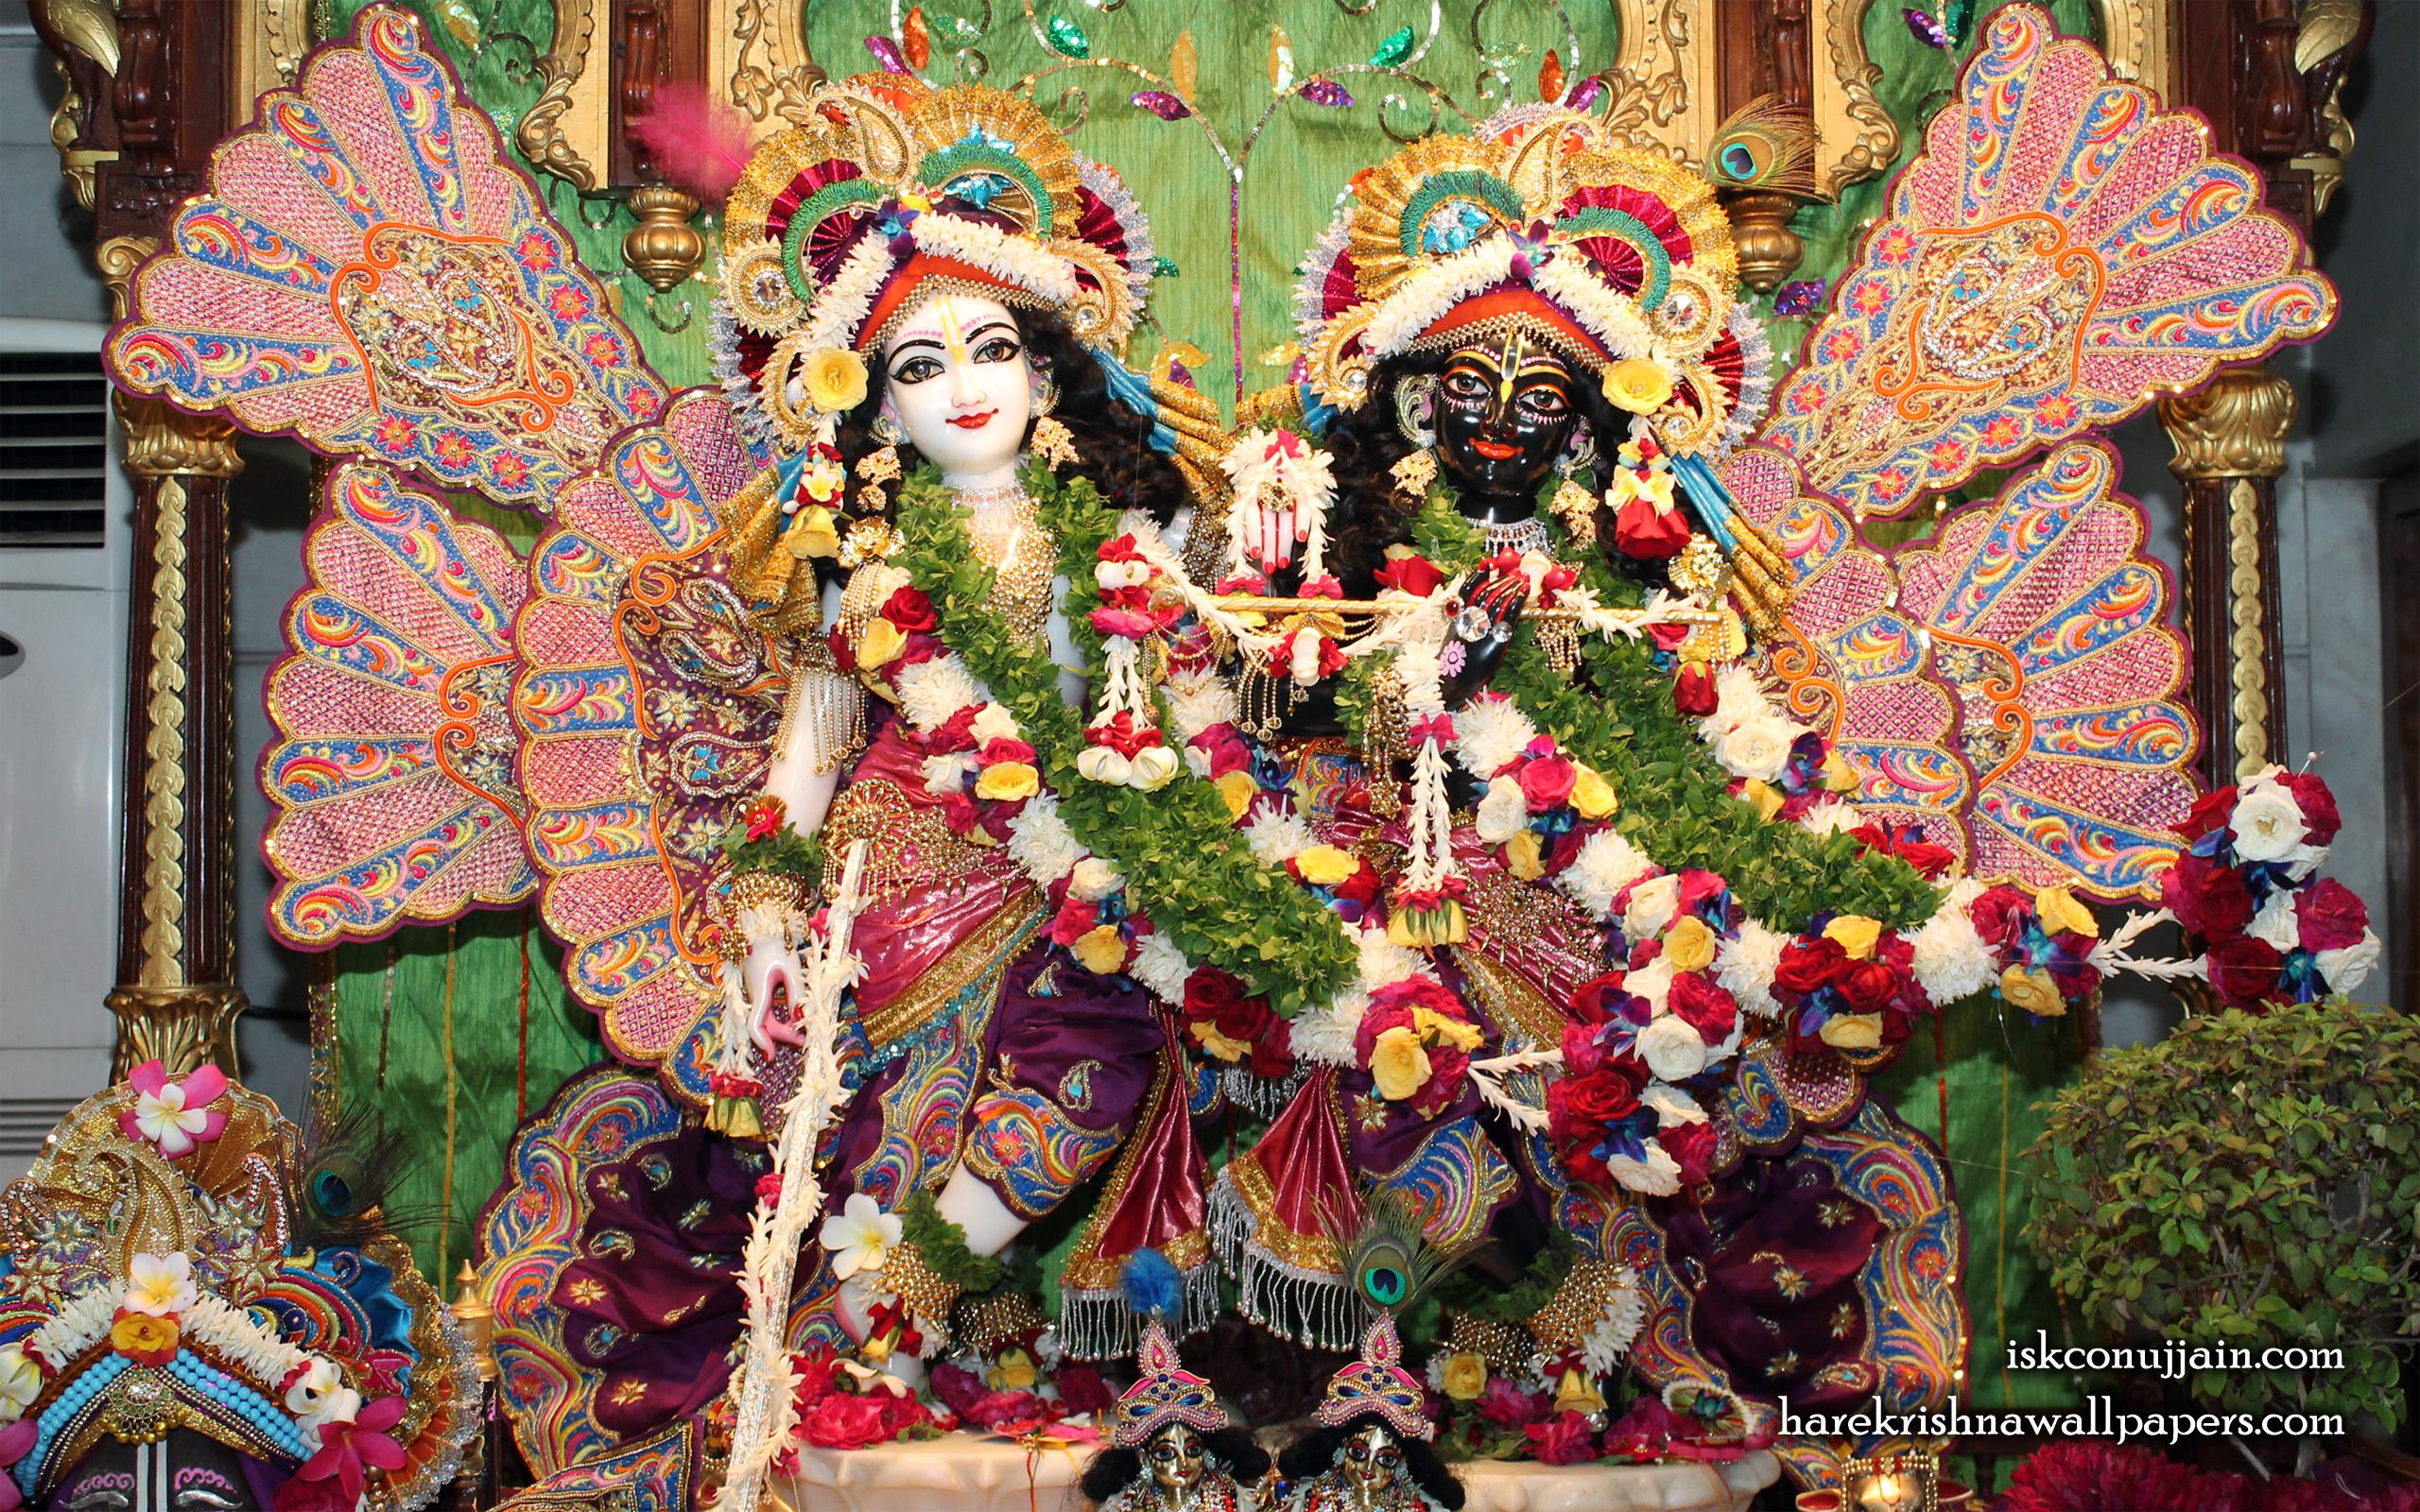 Sri Sri Krishna Balaram Wallpaper (012) Size 2560x1600 Download